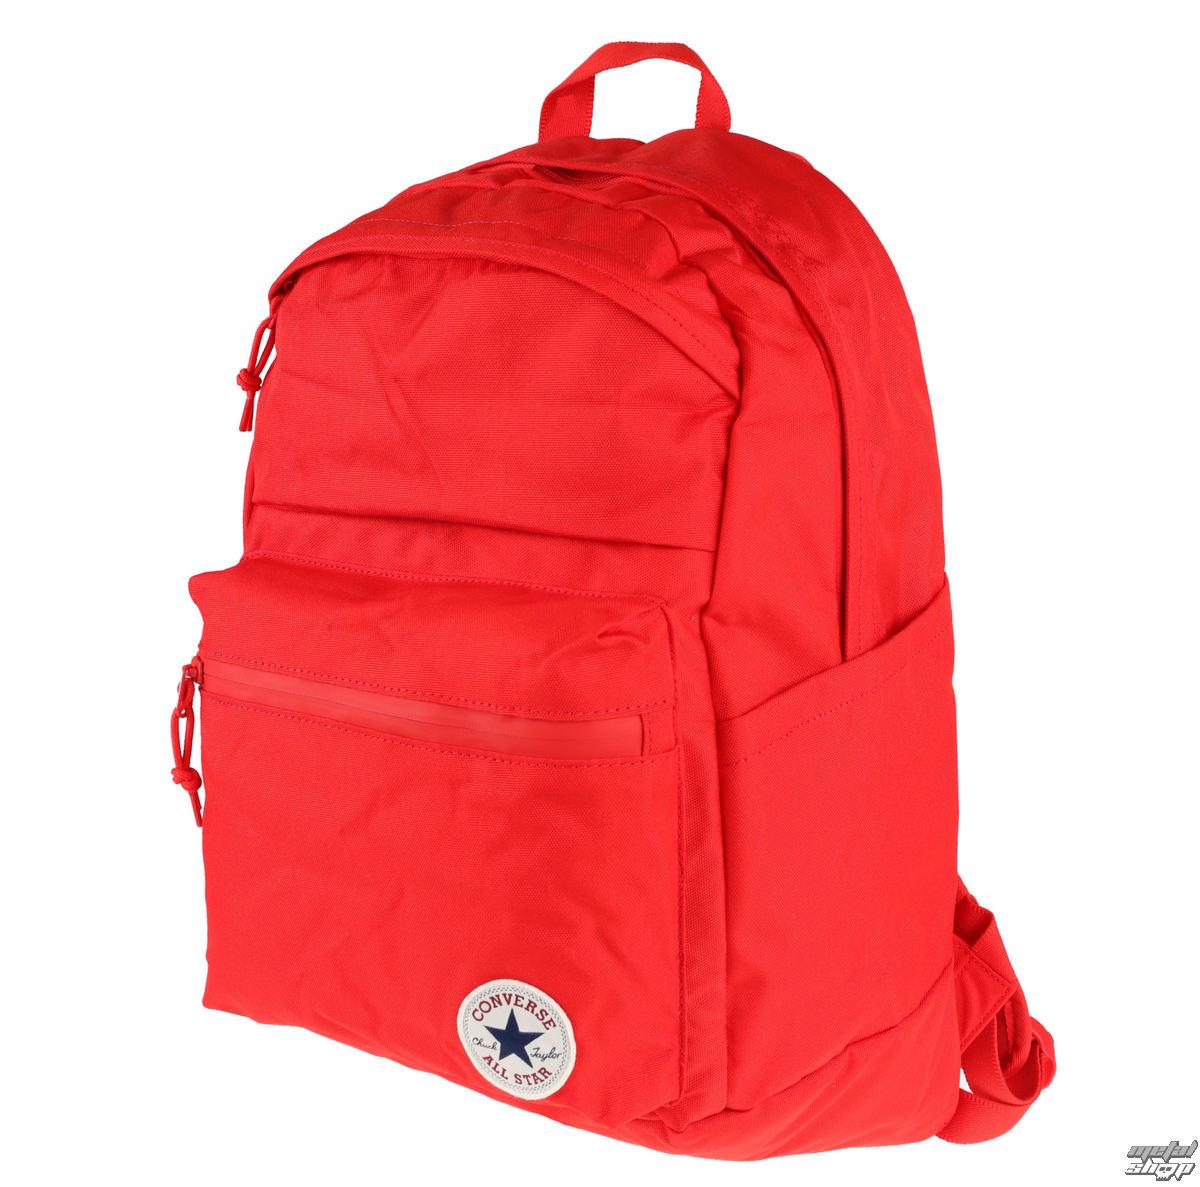 Backpack CONVERSE - Poly - 10003335-A03 - metal-shop.eu f4299d8f6ef41